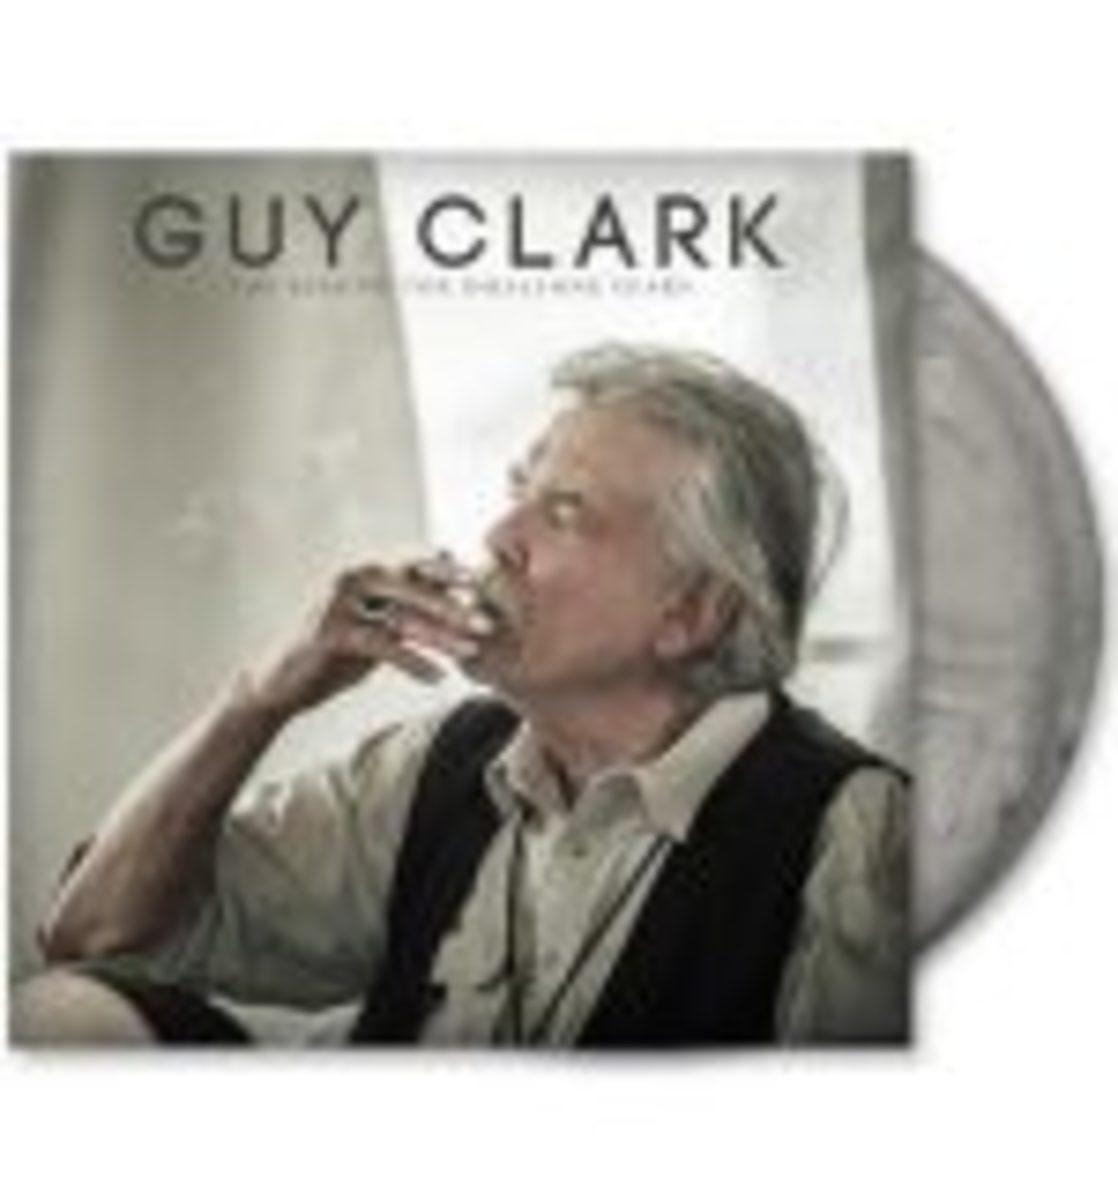 guy-clark-duatone